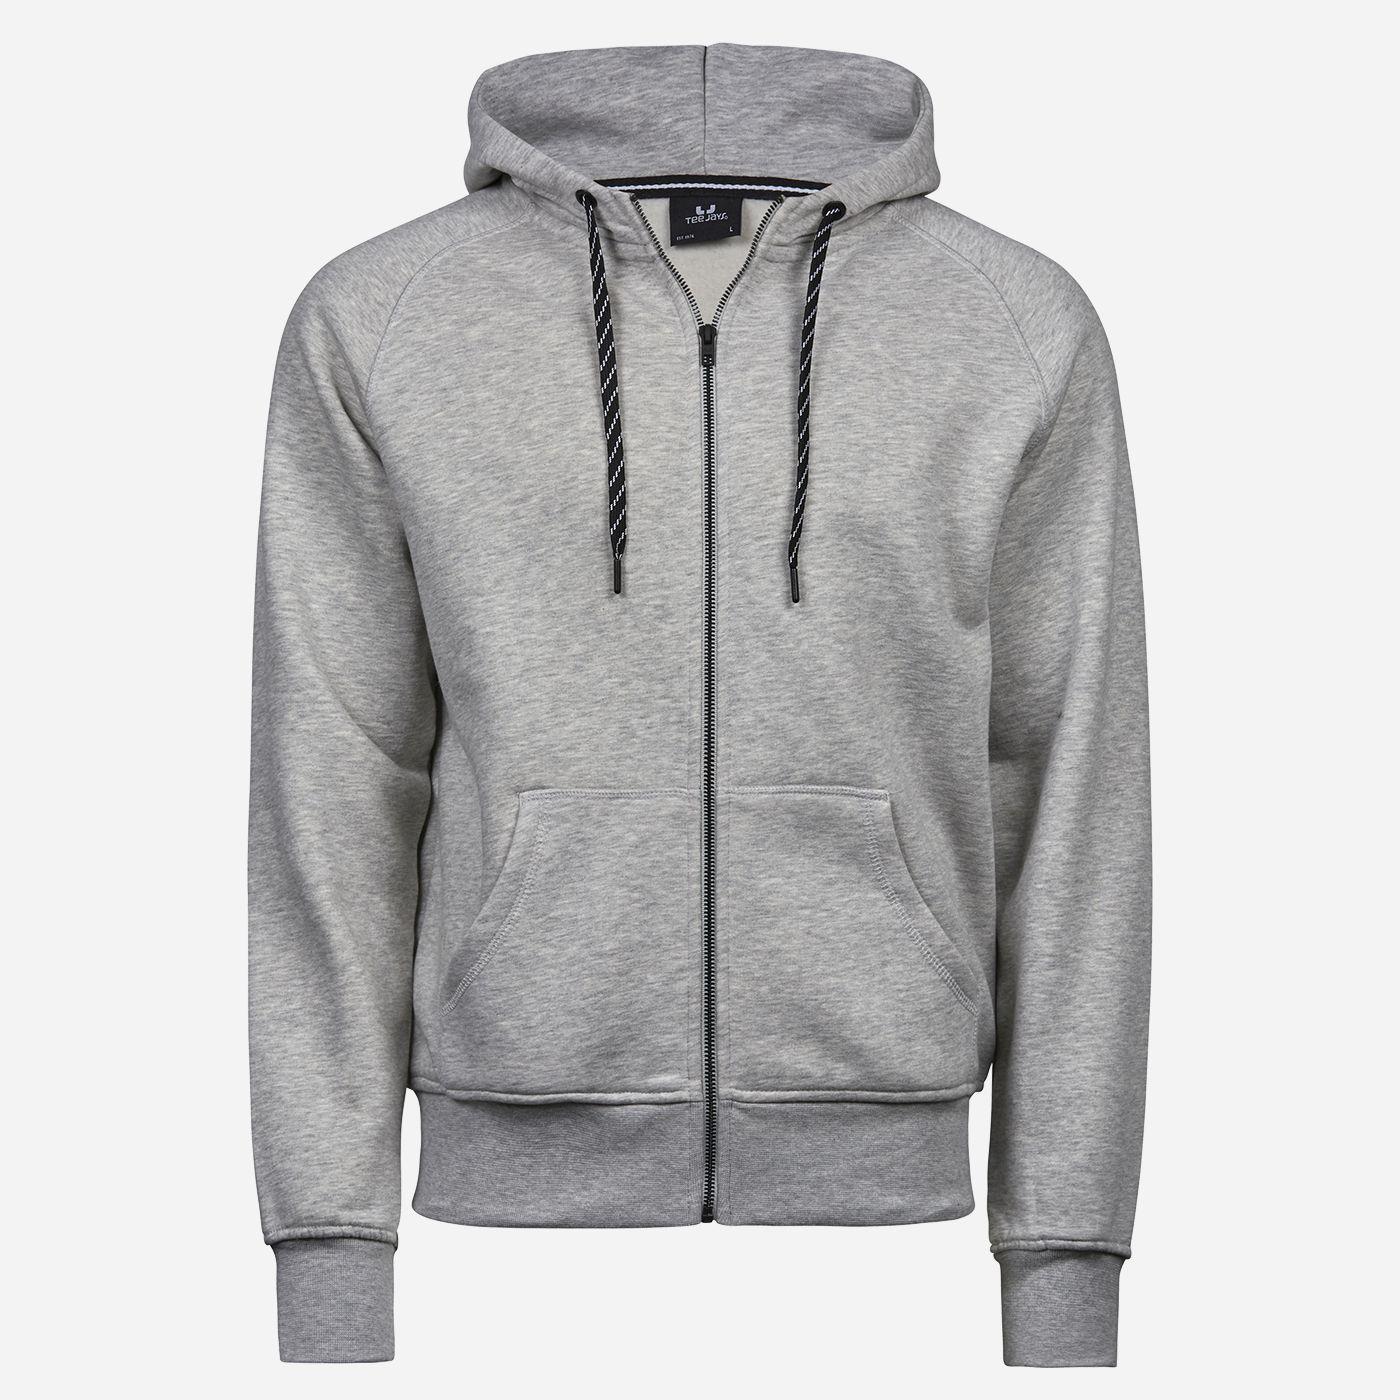 Tee Jays Sivá mikina - Egyptská bavlna Veľkosť: M